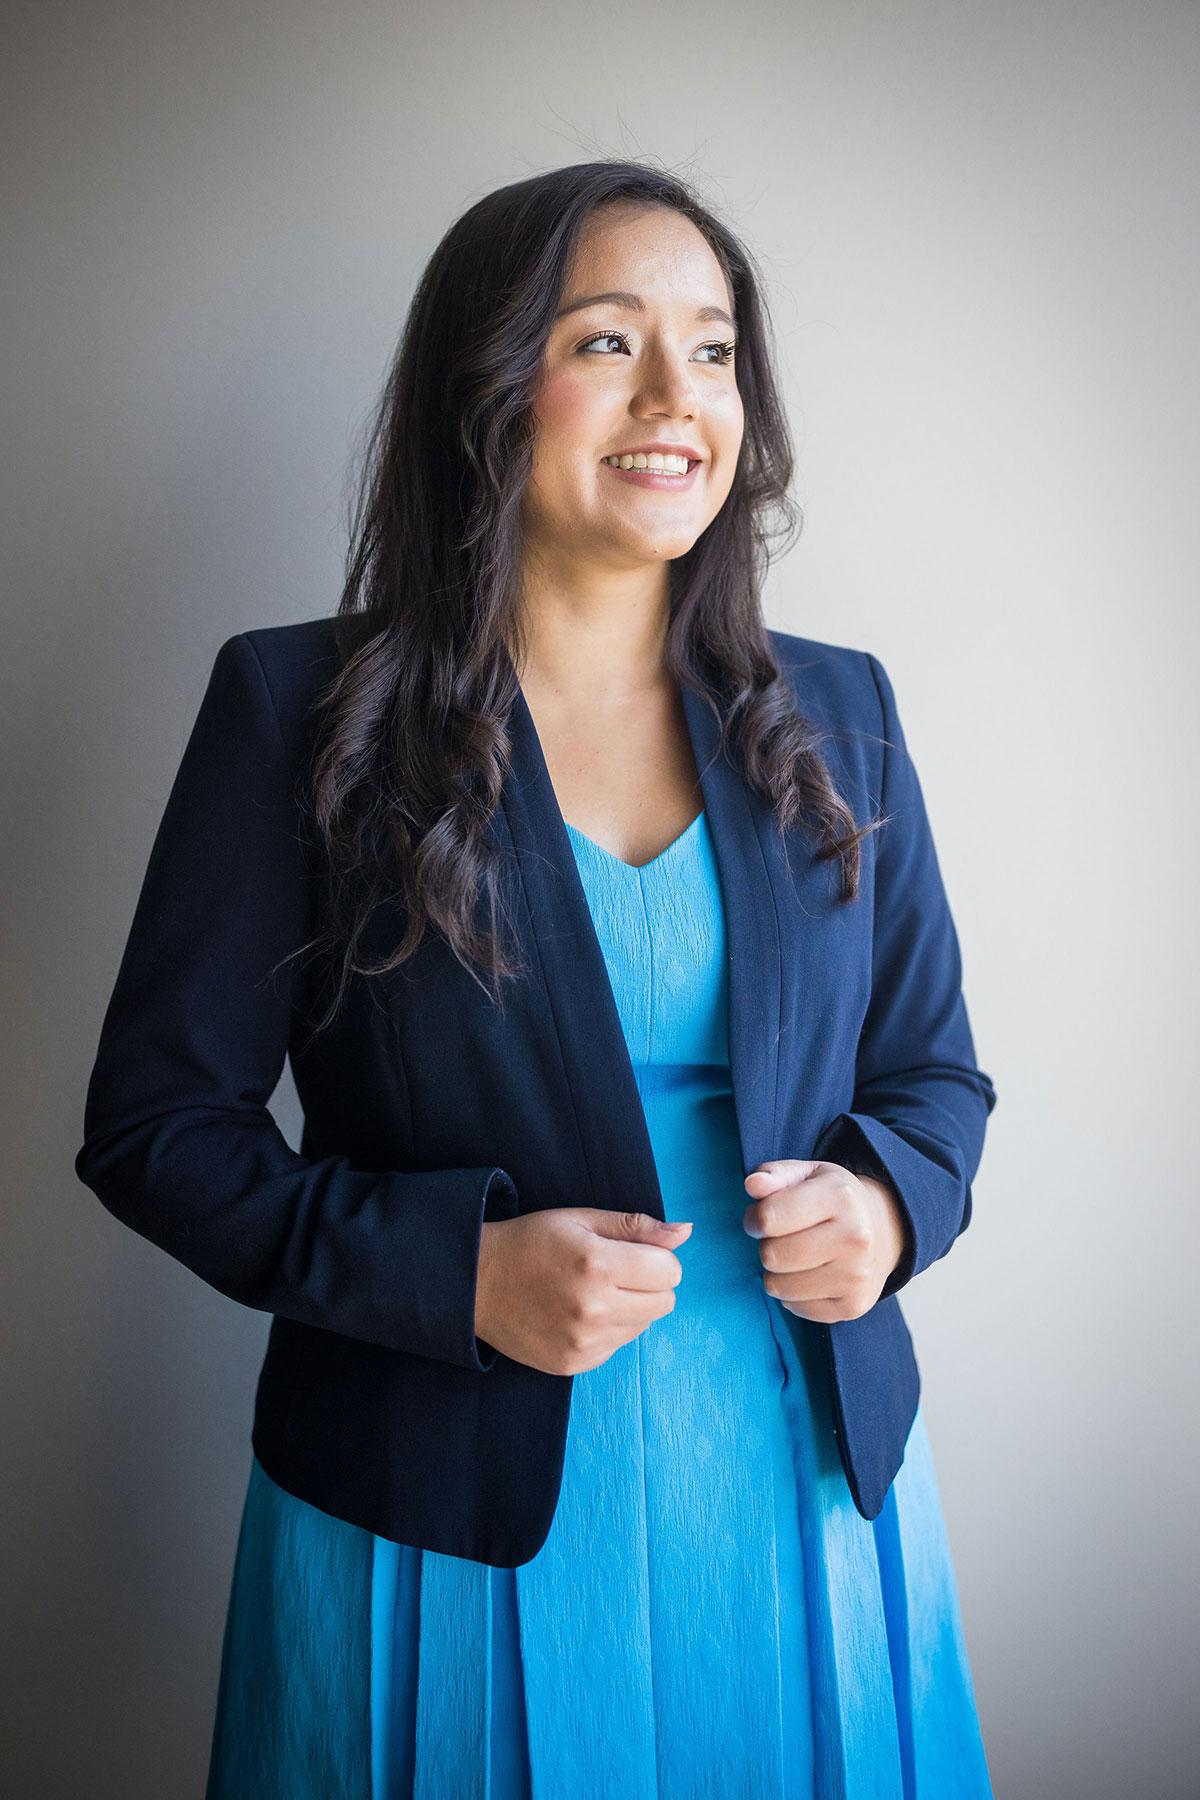 Gina Escobedo